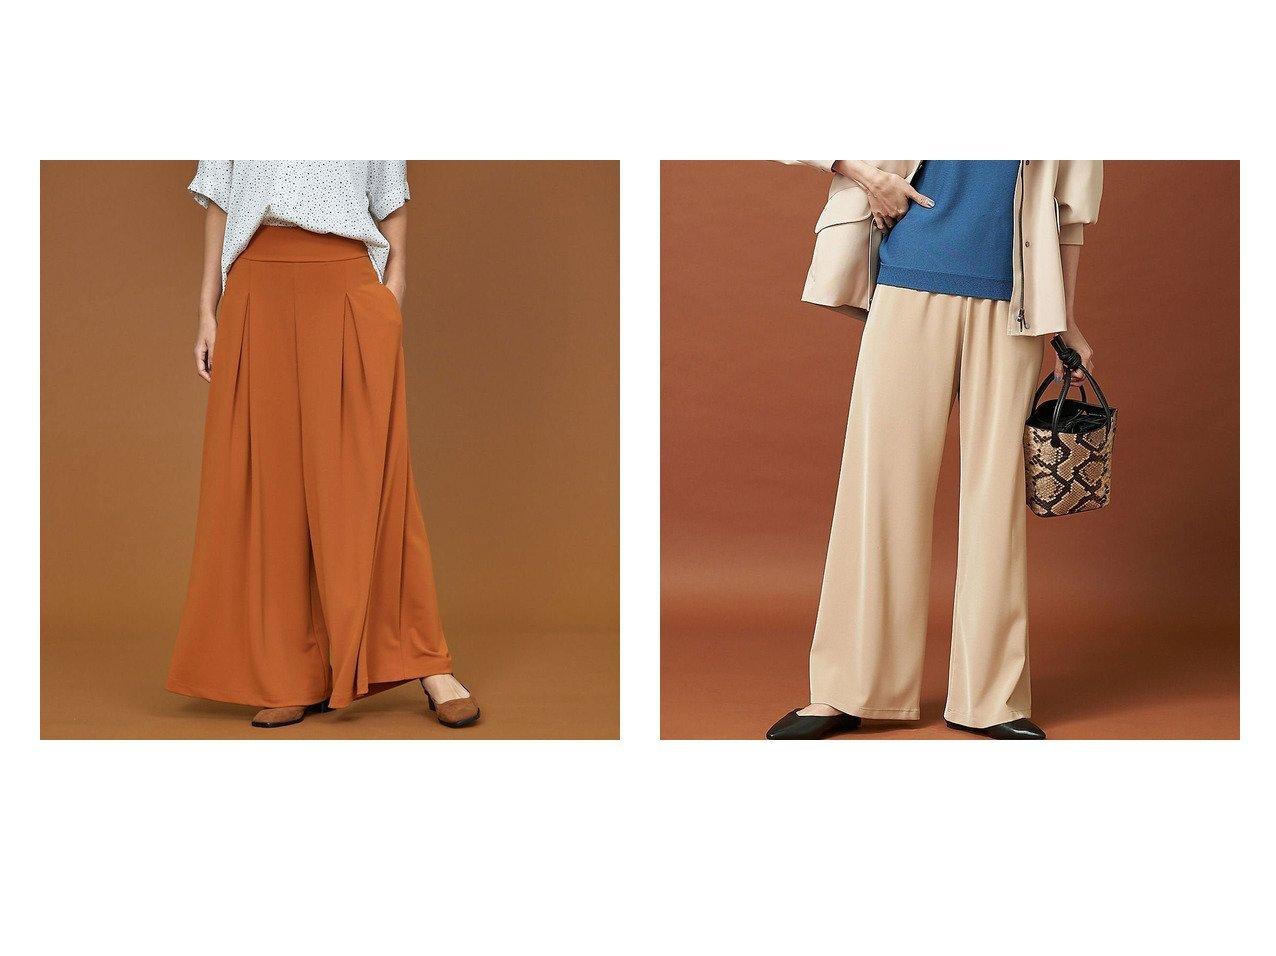 【qualite/カリテ】の《再入荷》ストレッチツイルフレアパンツ&ストレッチポンチワイドパンツ パンツのおすすめ!人気、トレンド・レディースファッションの通販 おすすめで人気の流行・トレンド、ファッションの通販商品 メンズファッション・キッズファッション・インテリア・家具・レディースファッション・服の通販 founy(ファニー) https://founy.com/ ファッション Fashion レディースファッション WOMEN パンツ Pants 2020年 2020 2020 春夏 S/S SS Spring/Summer 2020 A/W 秋冬 AW Autumn/Winter / FW Fall-Winter S/S 春夏 SS Spring/Summer トレンド フレア リラックス 再入荷 Restock/Back in Stock/Re Arrival 春 Spring |ID:crp329100000016071